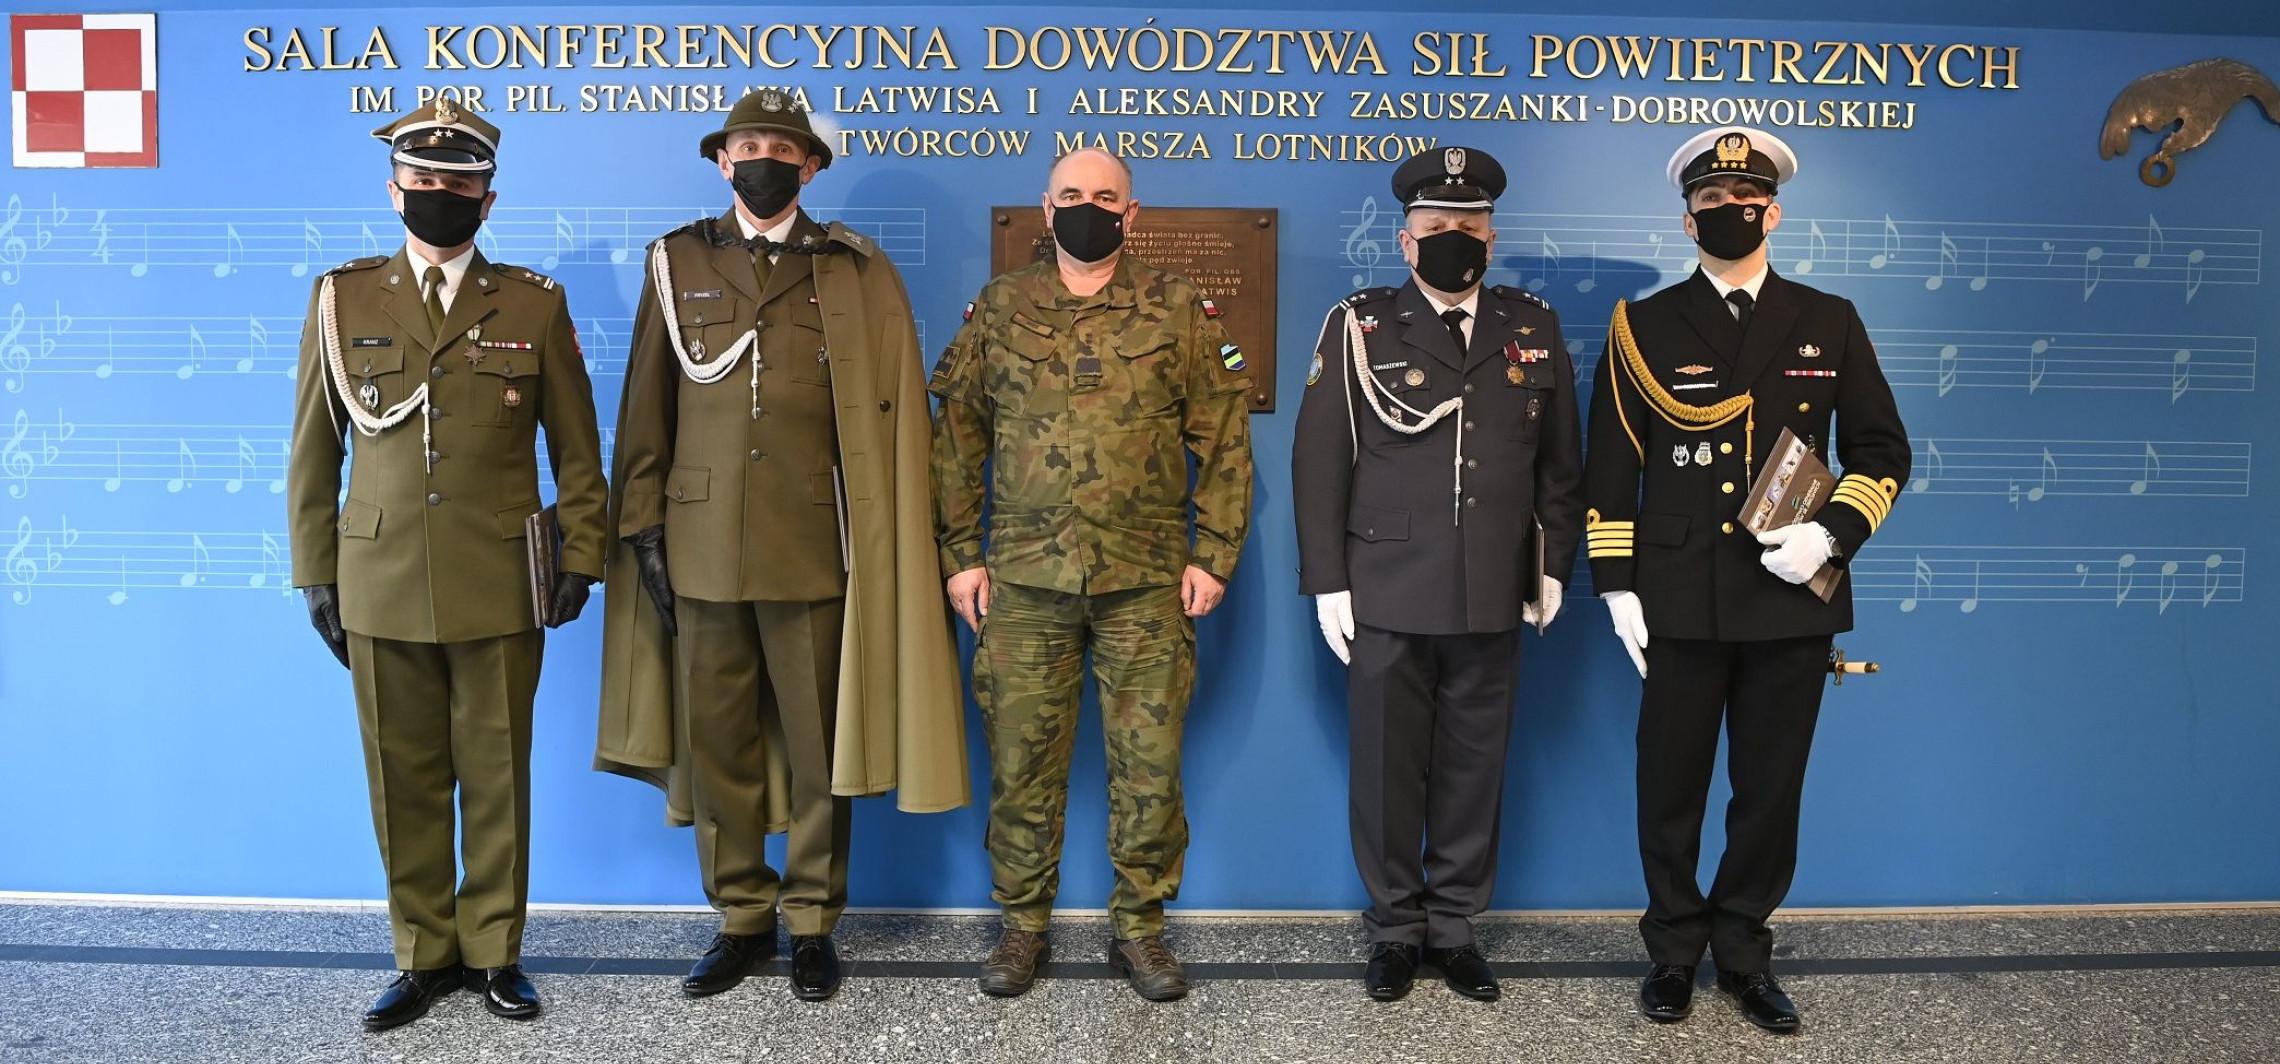 Inowrocław - Honorowy tytuł dla inowrocławskiego pułku